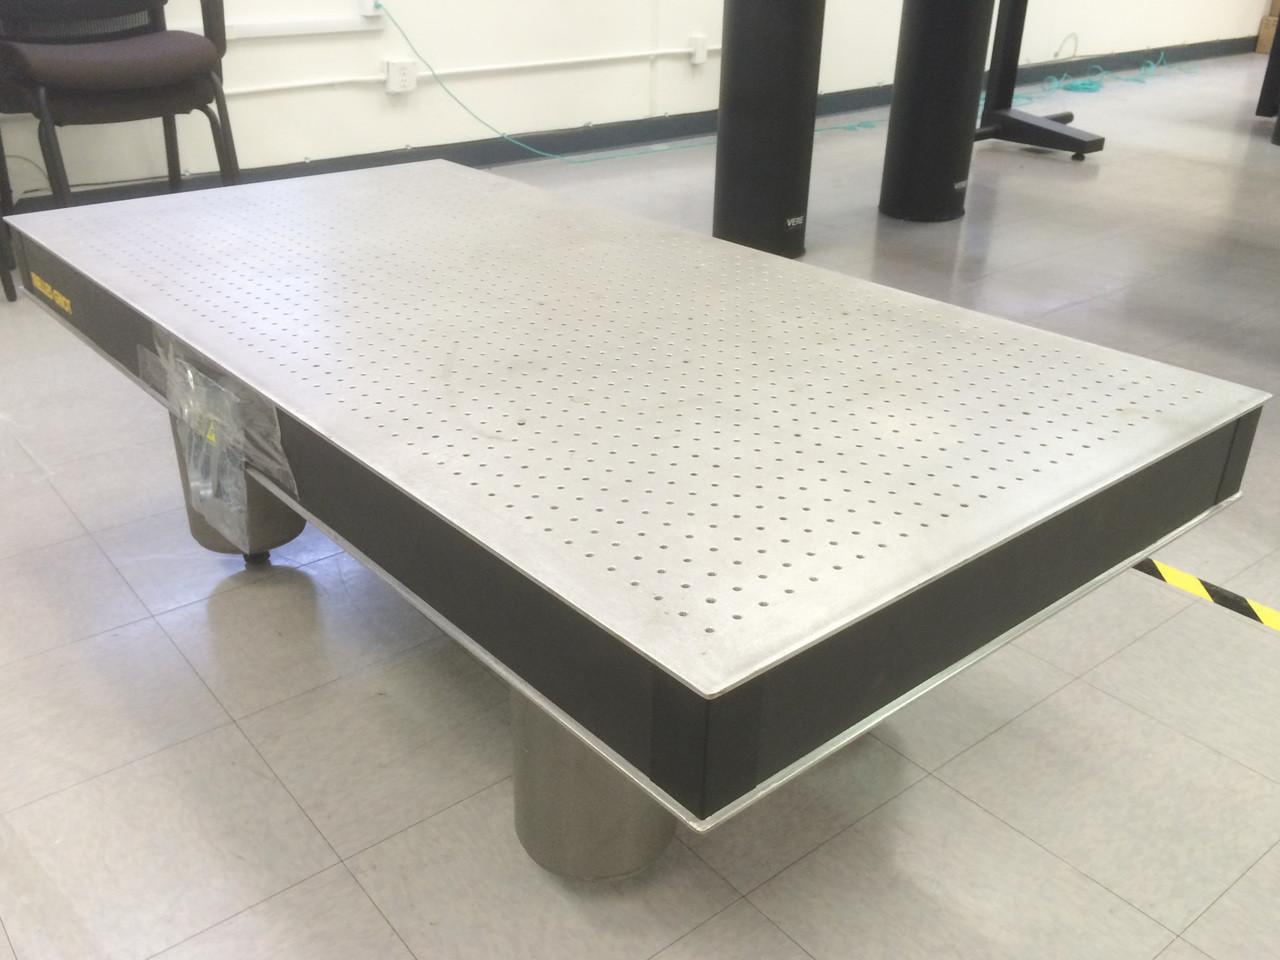 Melles Griot 59 Quot X 29 5 Quot Optical Table Anti Vibration